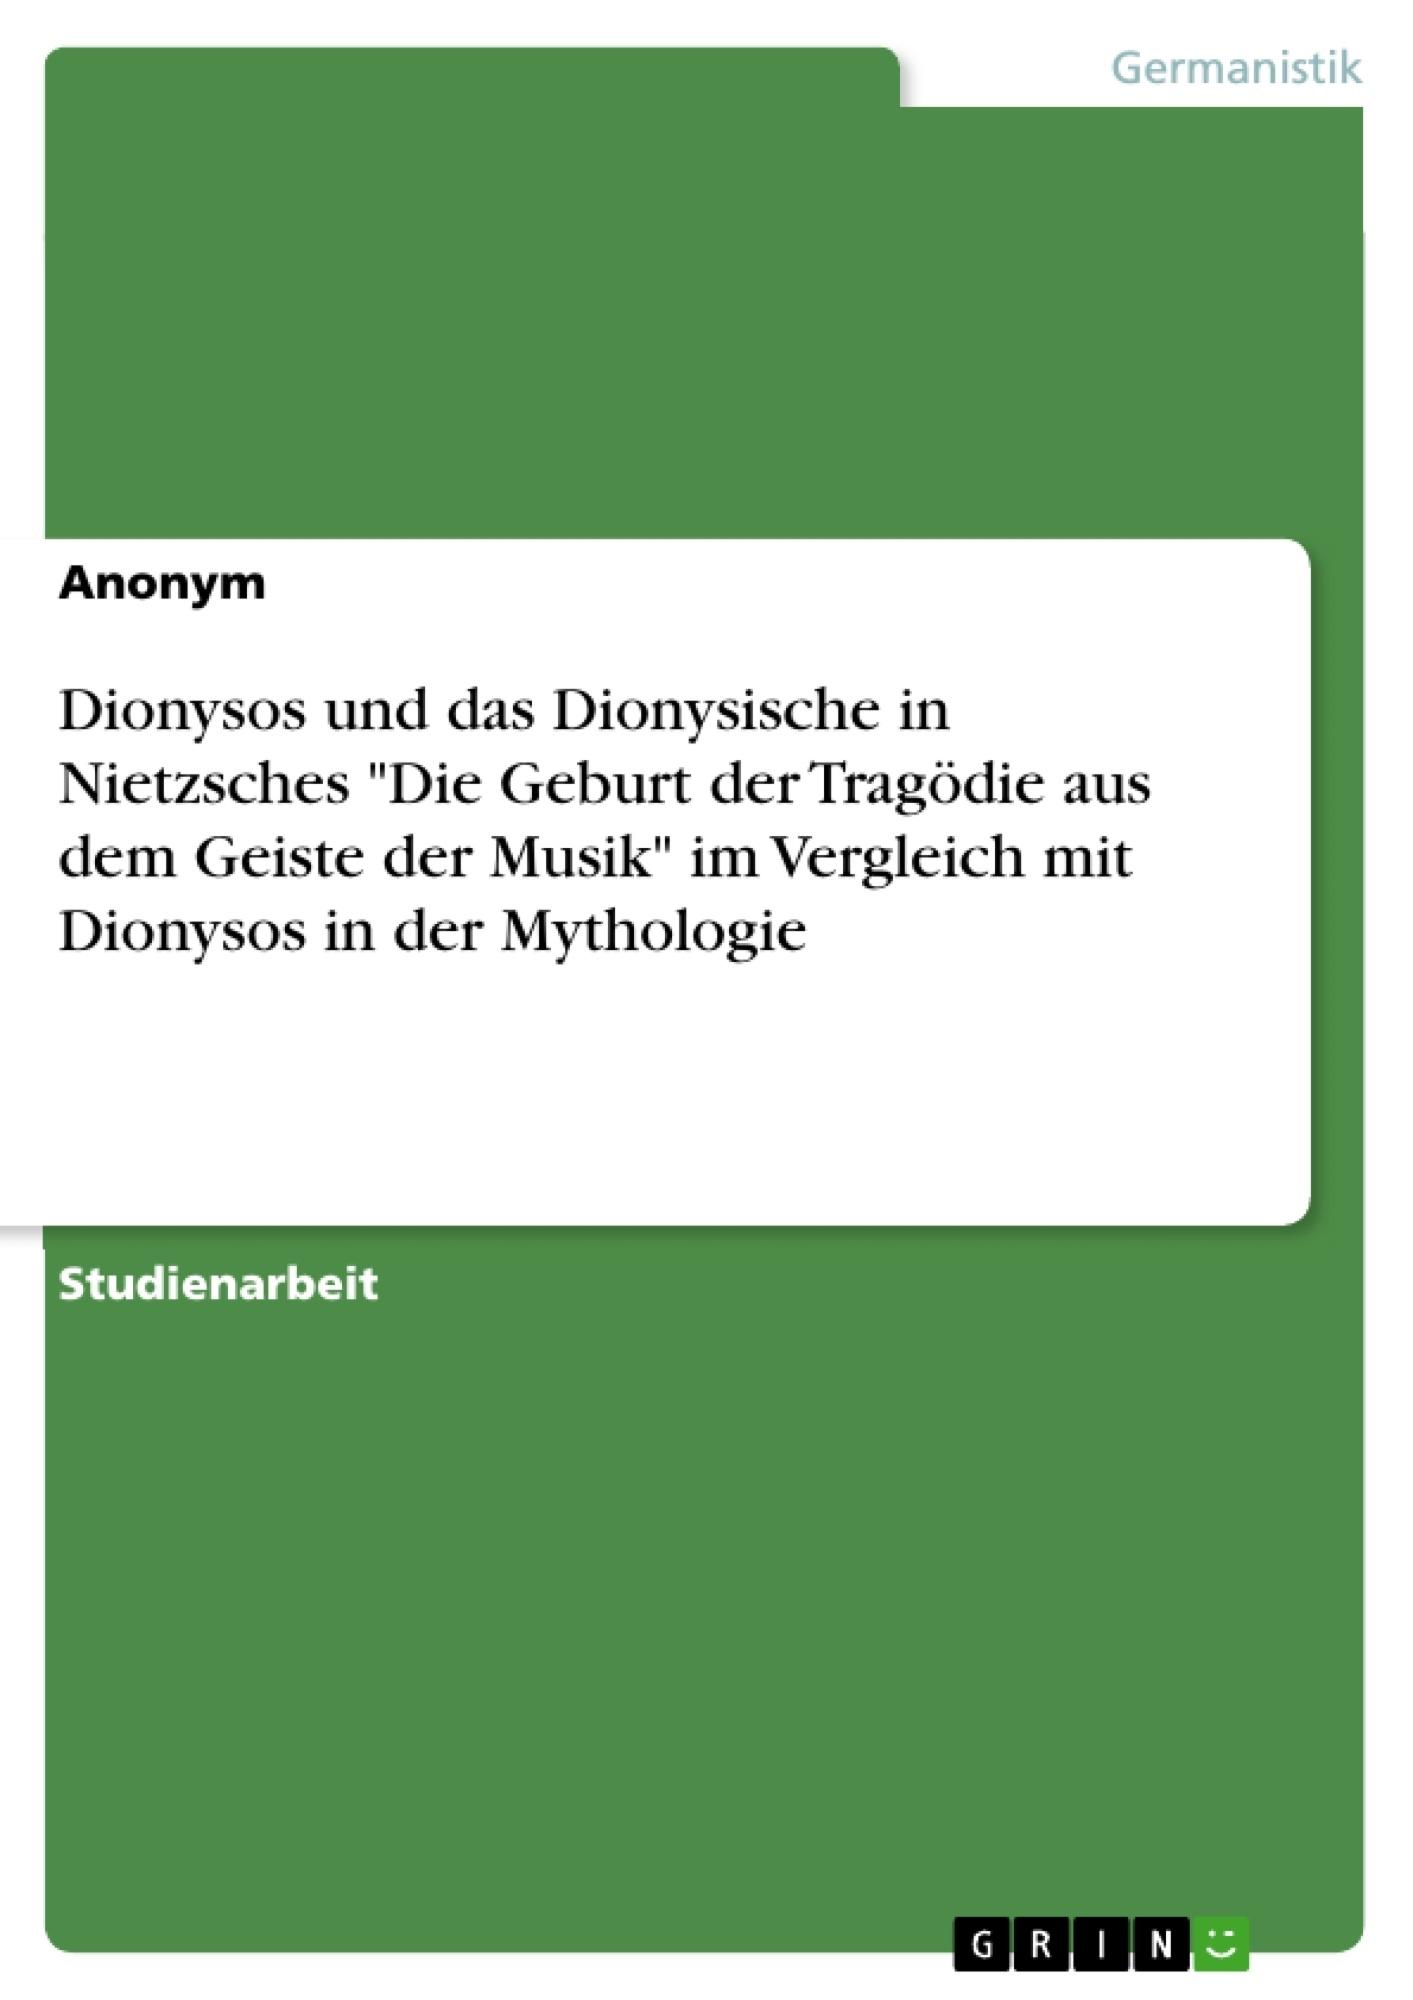 """Titel: Dionysos und das Dionysische in Nietzsches """"Die Geburt der Tragödie aus dem Geiste der Musik"""" im Vergleich mit Dionysos in der Mythologie"""